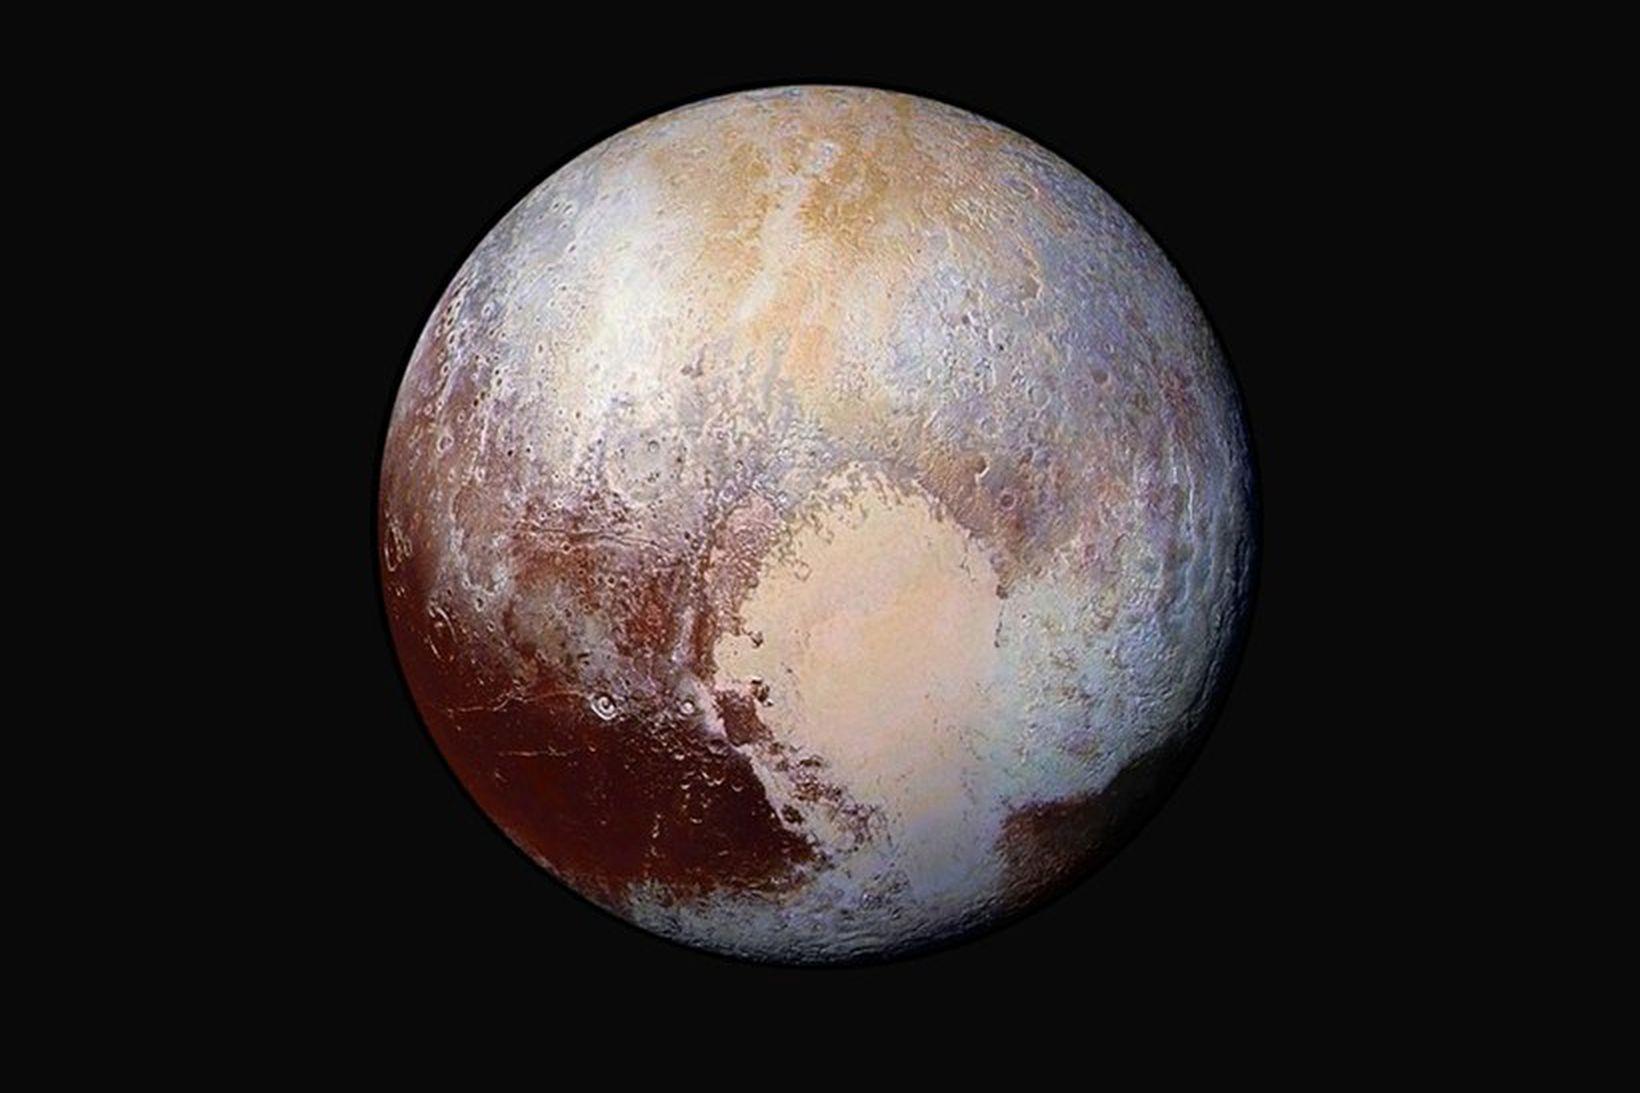 Plútó eins og hann kom fyrir sjónir New Horizons. Spútniksléttan …